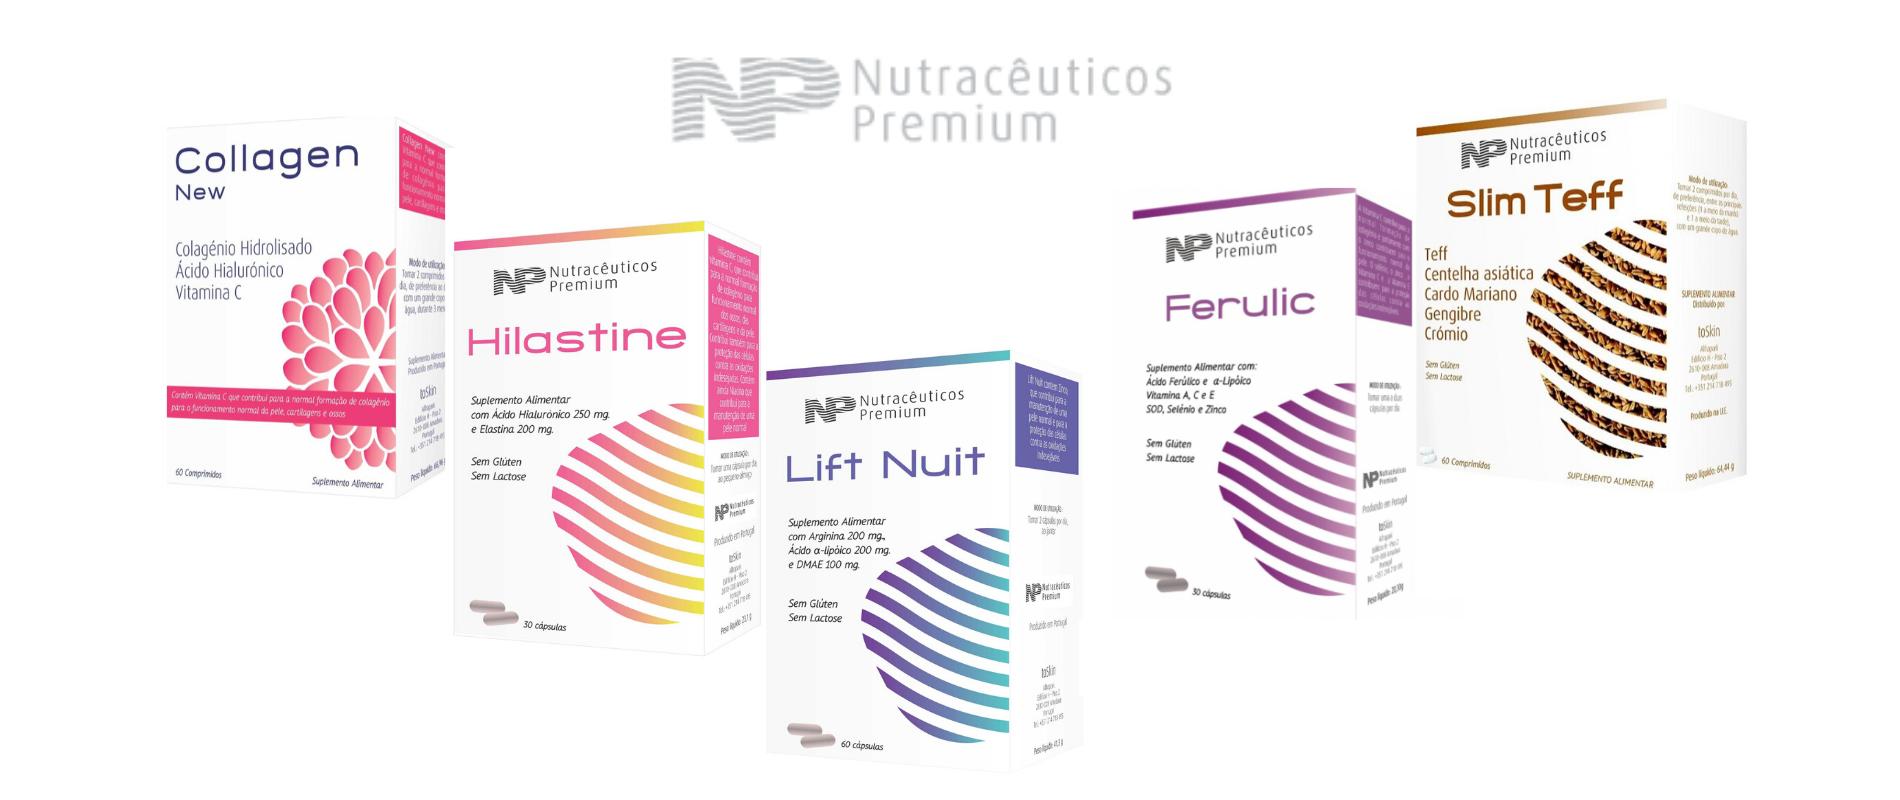 Nutraceuticos premium